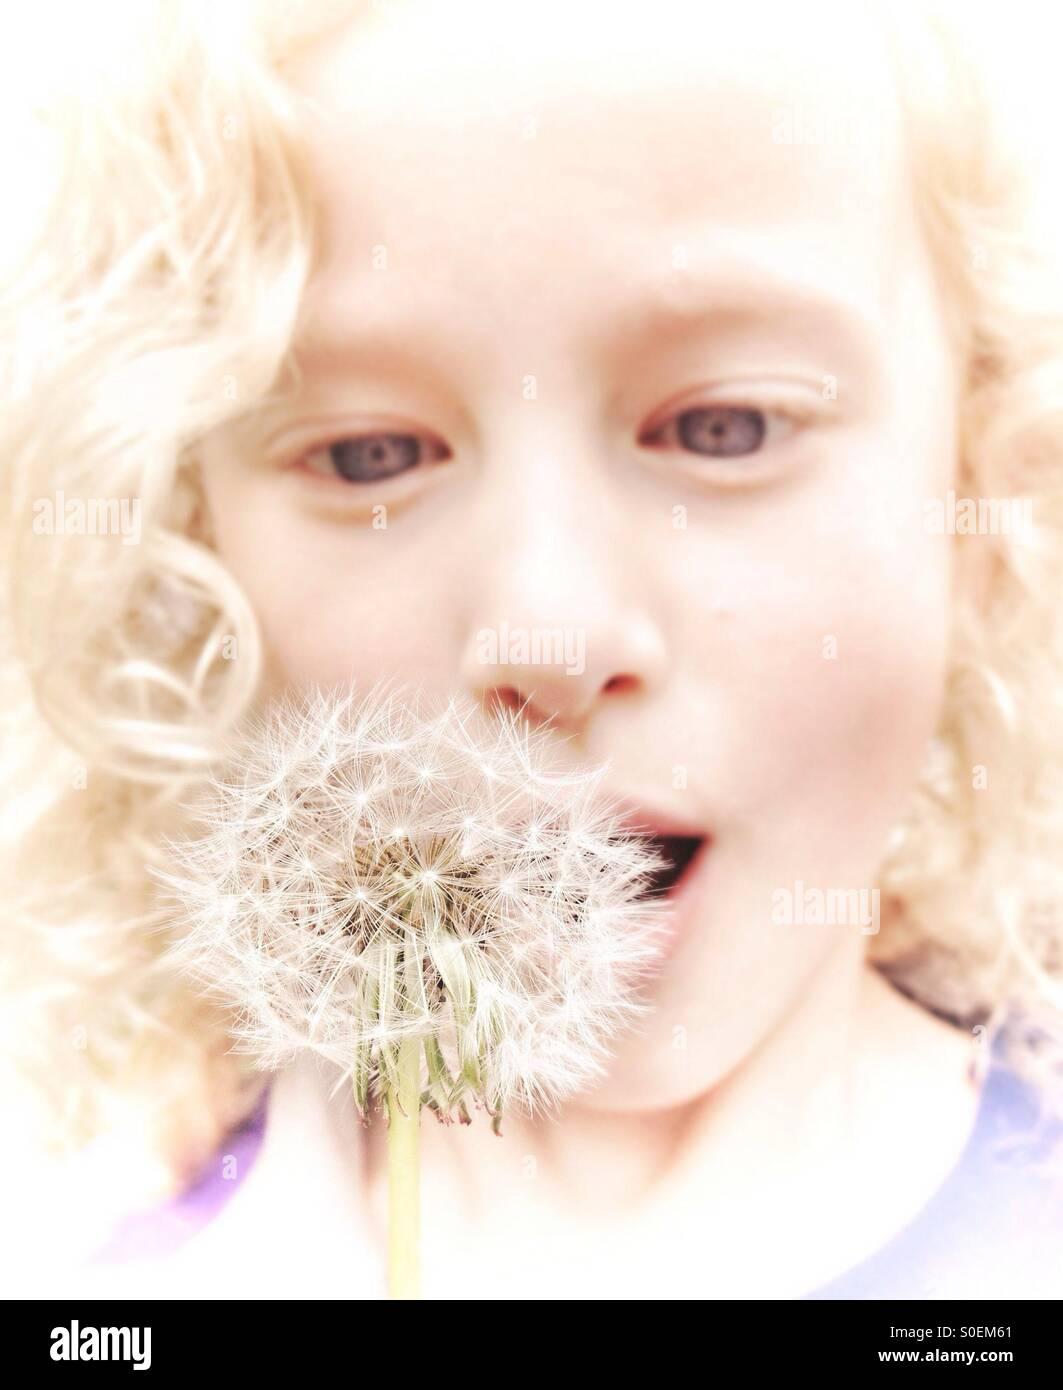 Niña soplando sobre la cabeza de semillas de diente de león Imagen De Stock